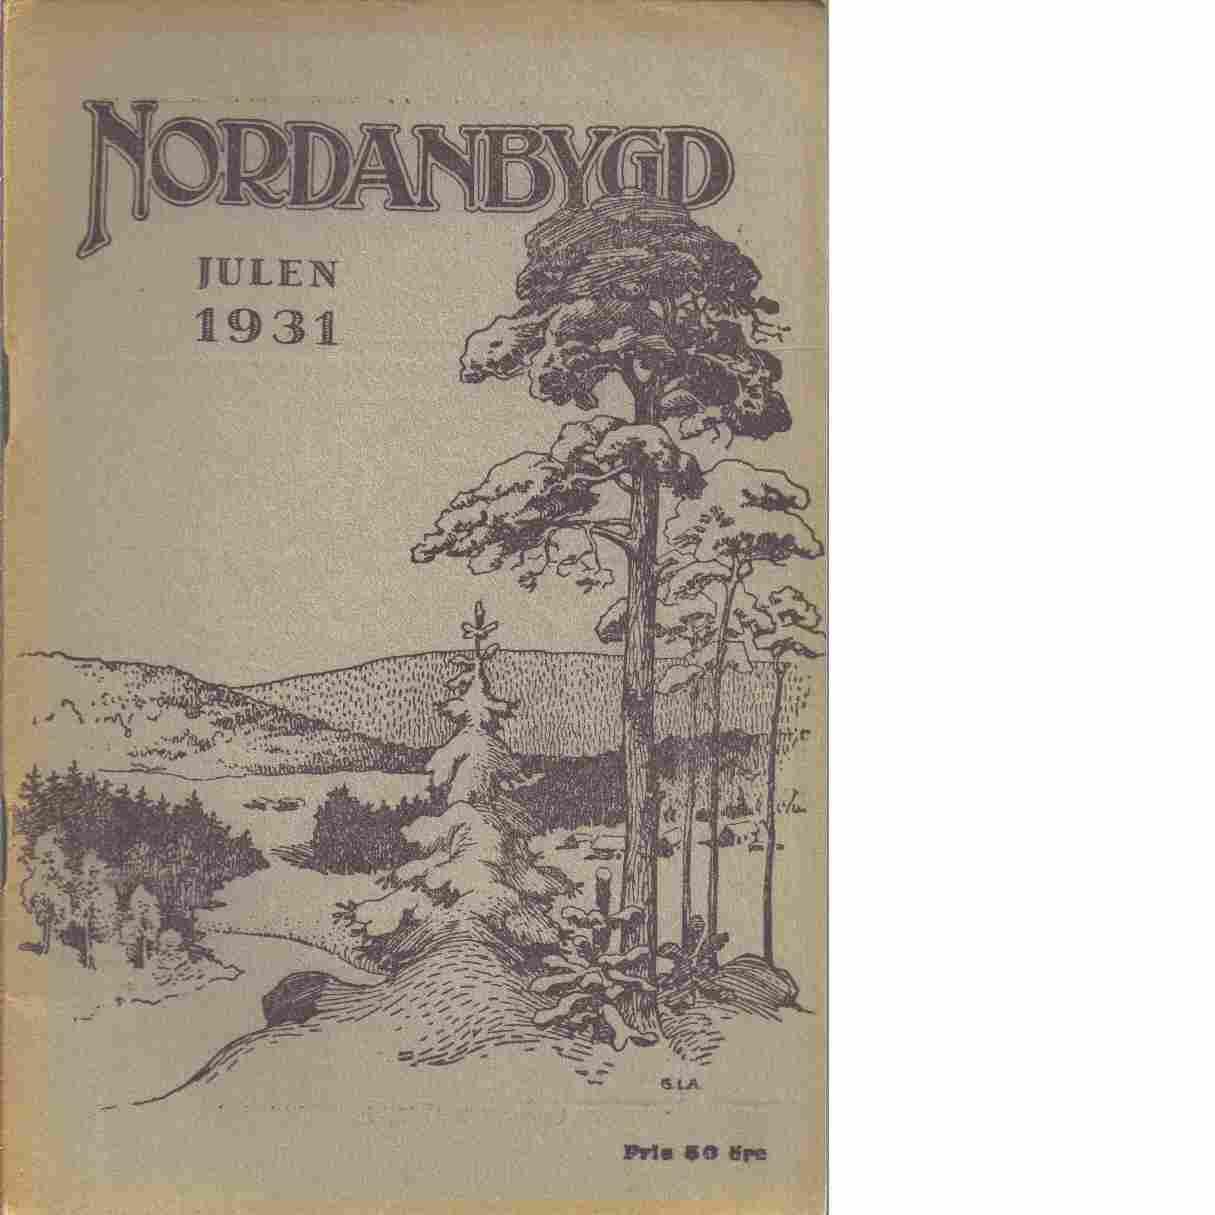 Nordanbygd : Julen 1931 Nr: 4  utgifven af Folkhögskolans i Boden elevförbund - Red.